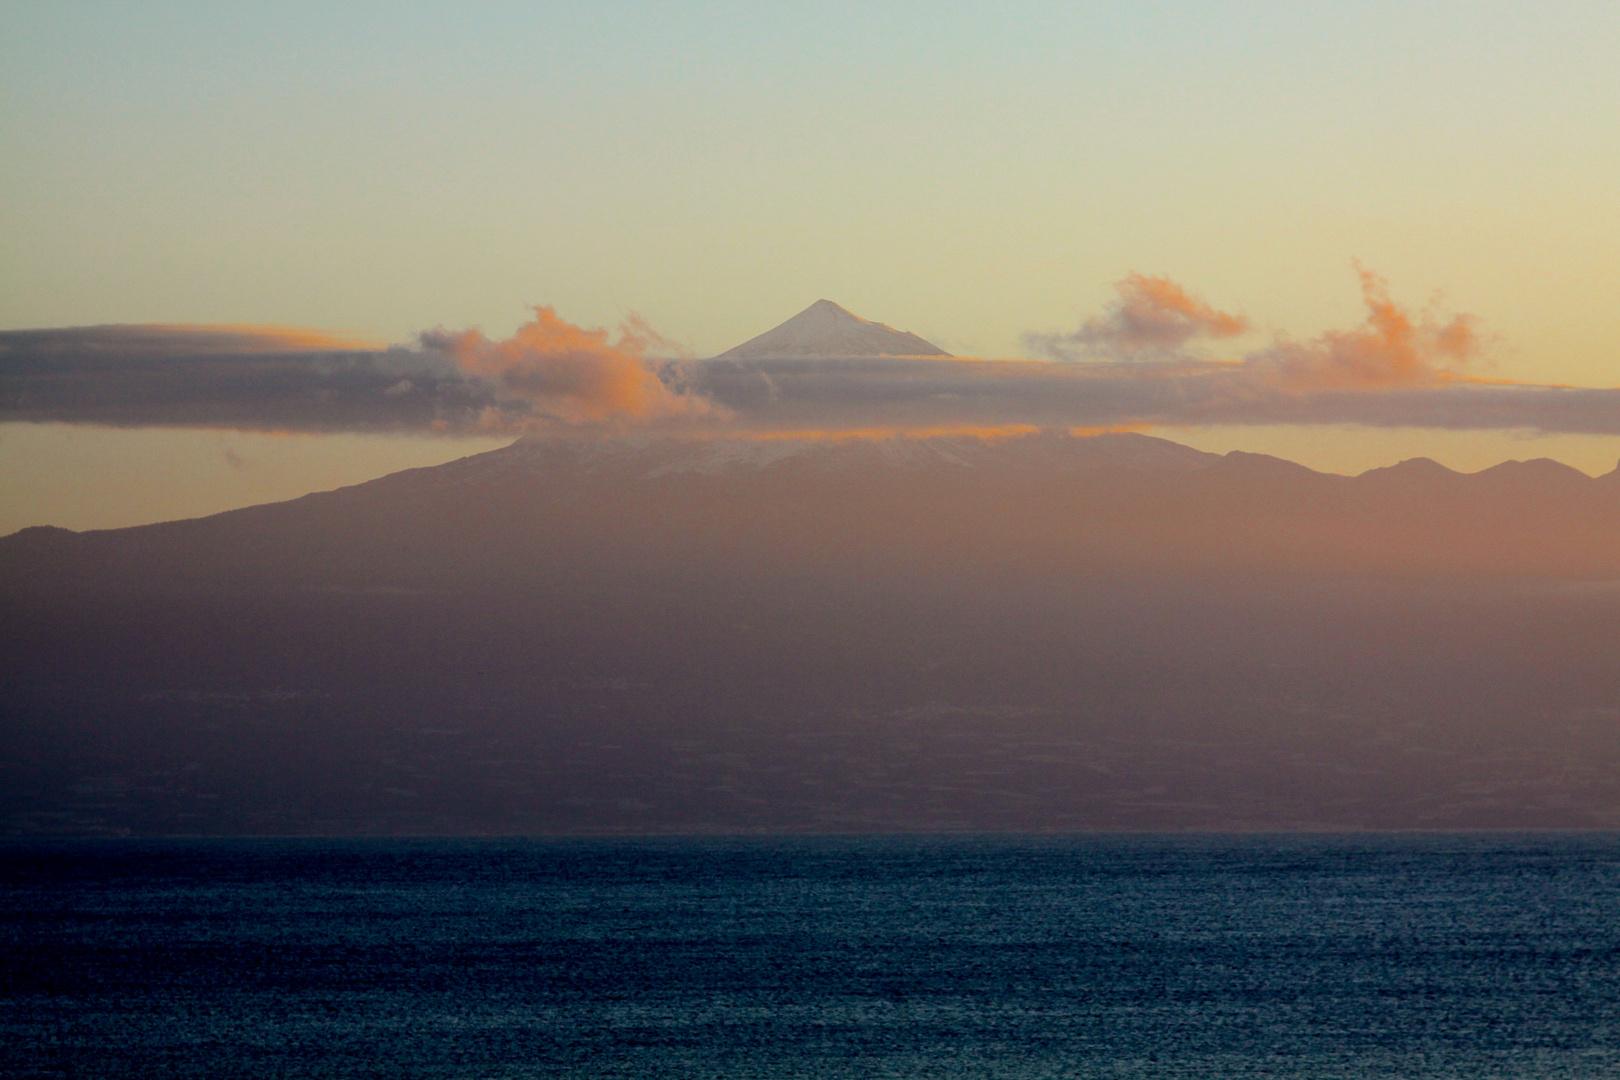 Meer, Berg und Wolkendecke im Querschnitt